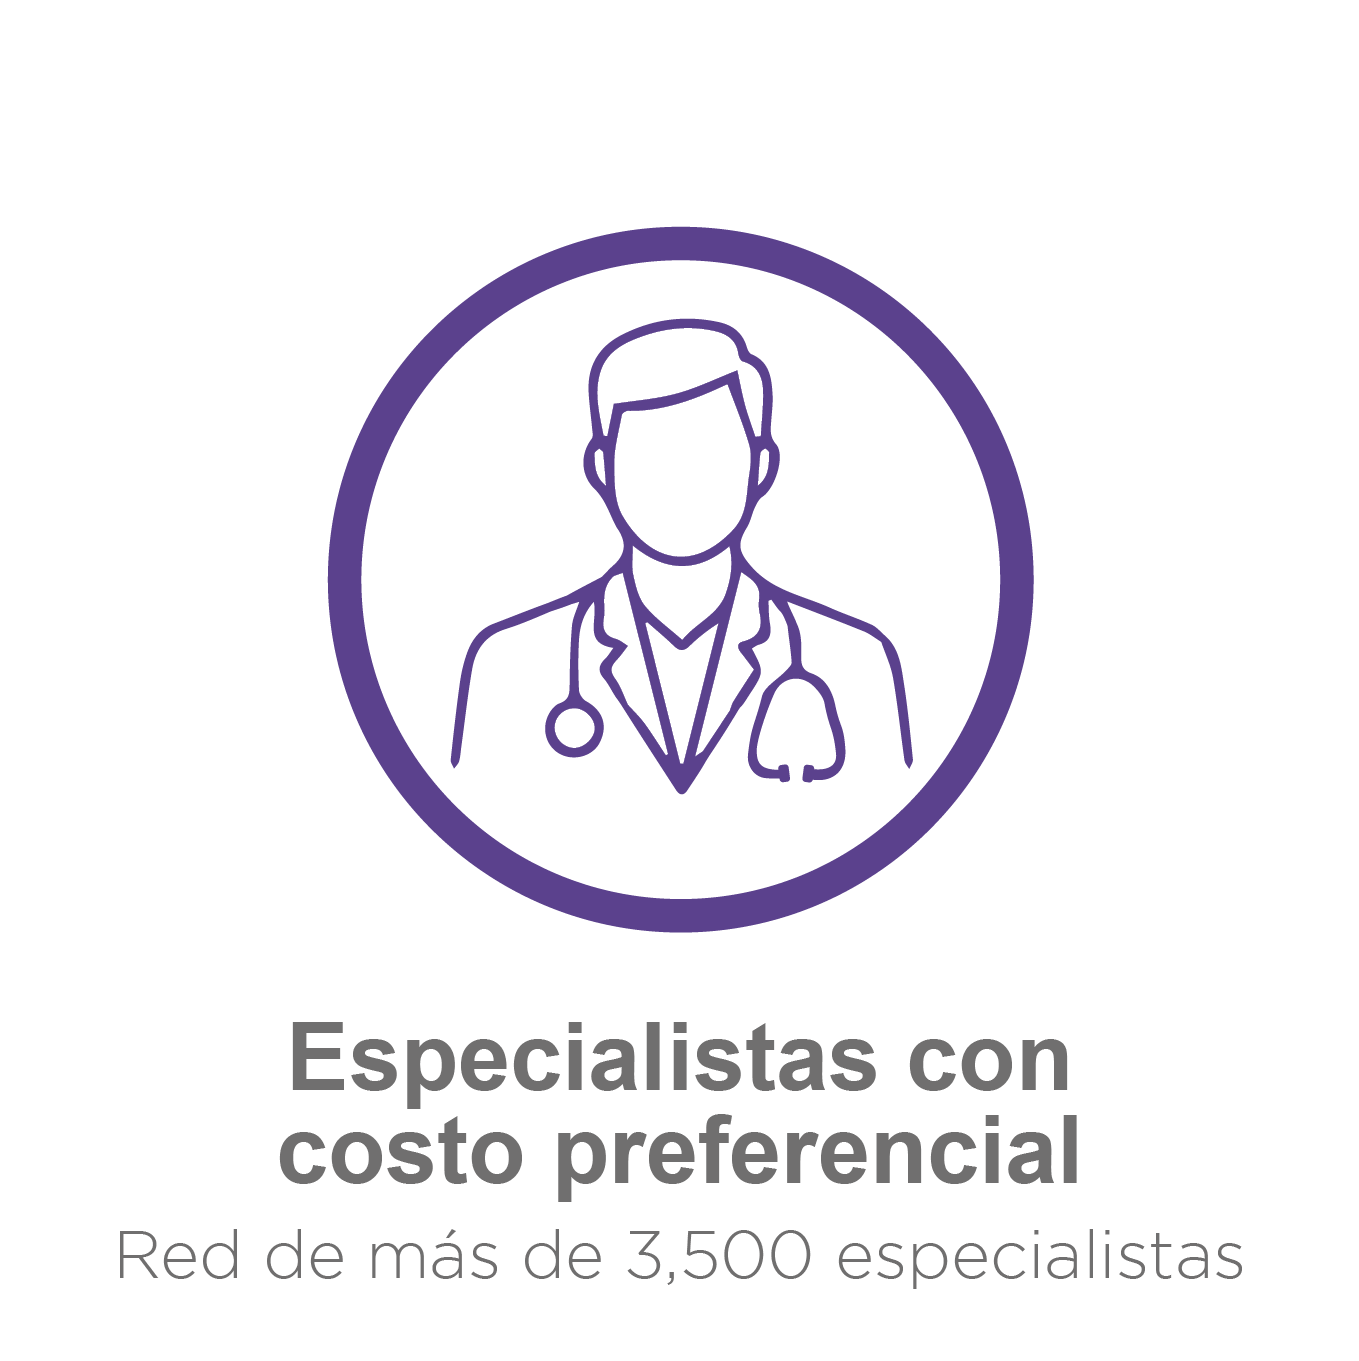 medicos especialistas a buen precio-08